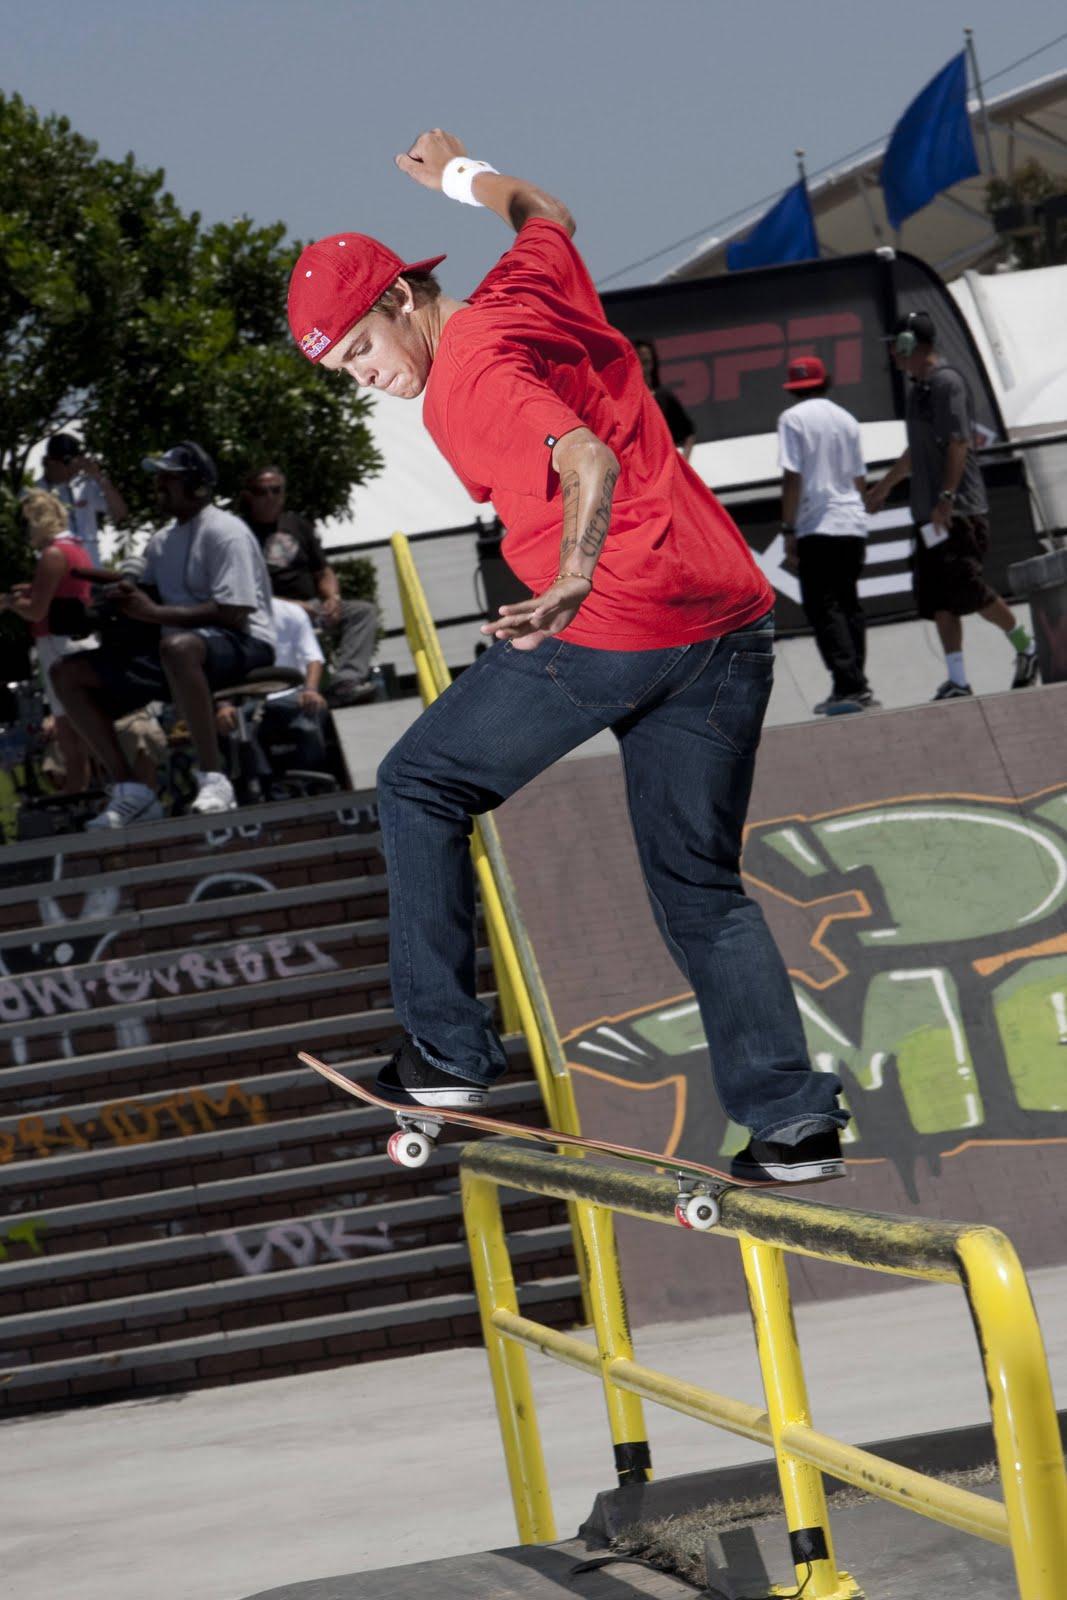 Skateboardingtruck: Ryan sheckler (SKATER)